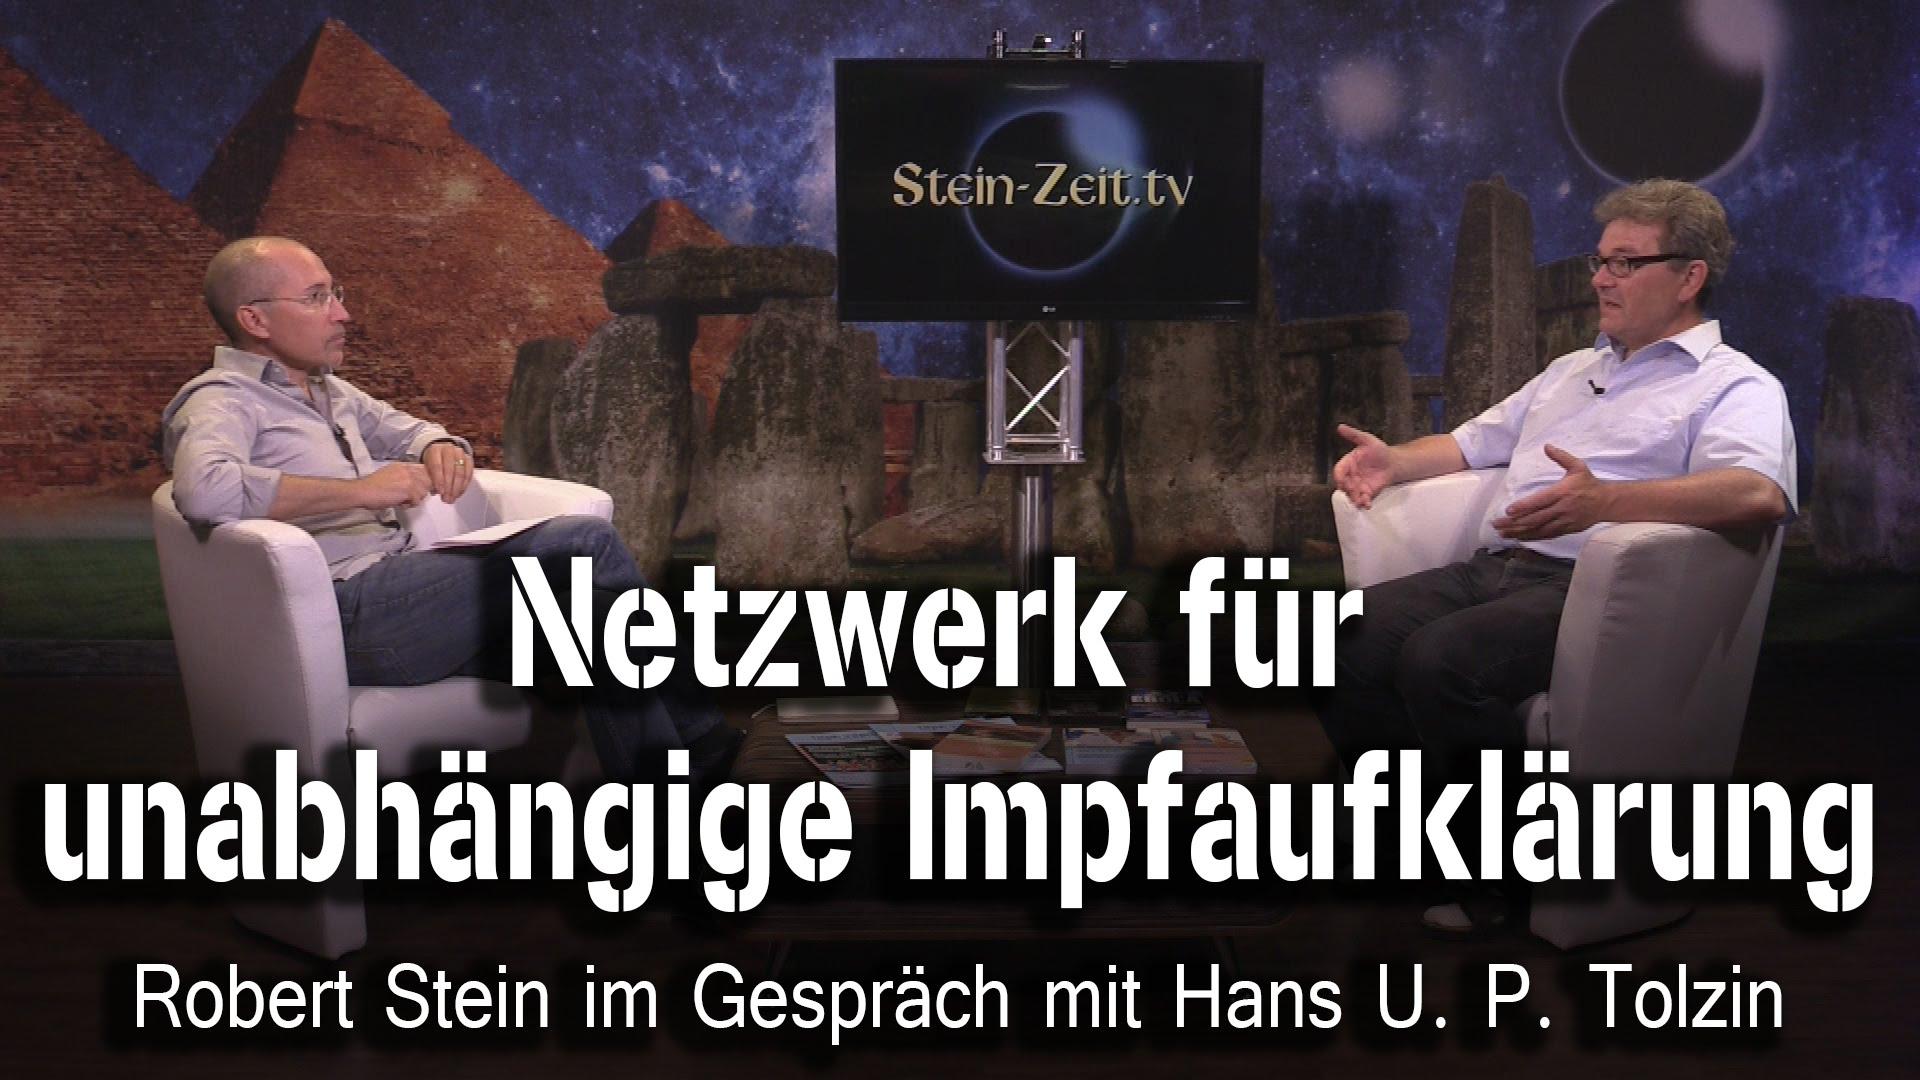 Netzwerk für unabhängige Impfaufklärung – Hans Tolzin bei SteinZeit